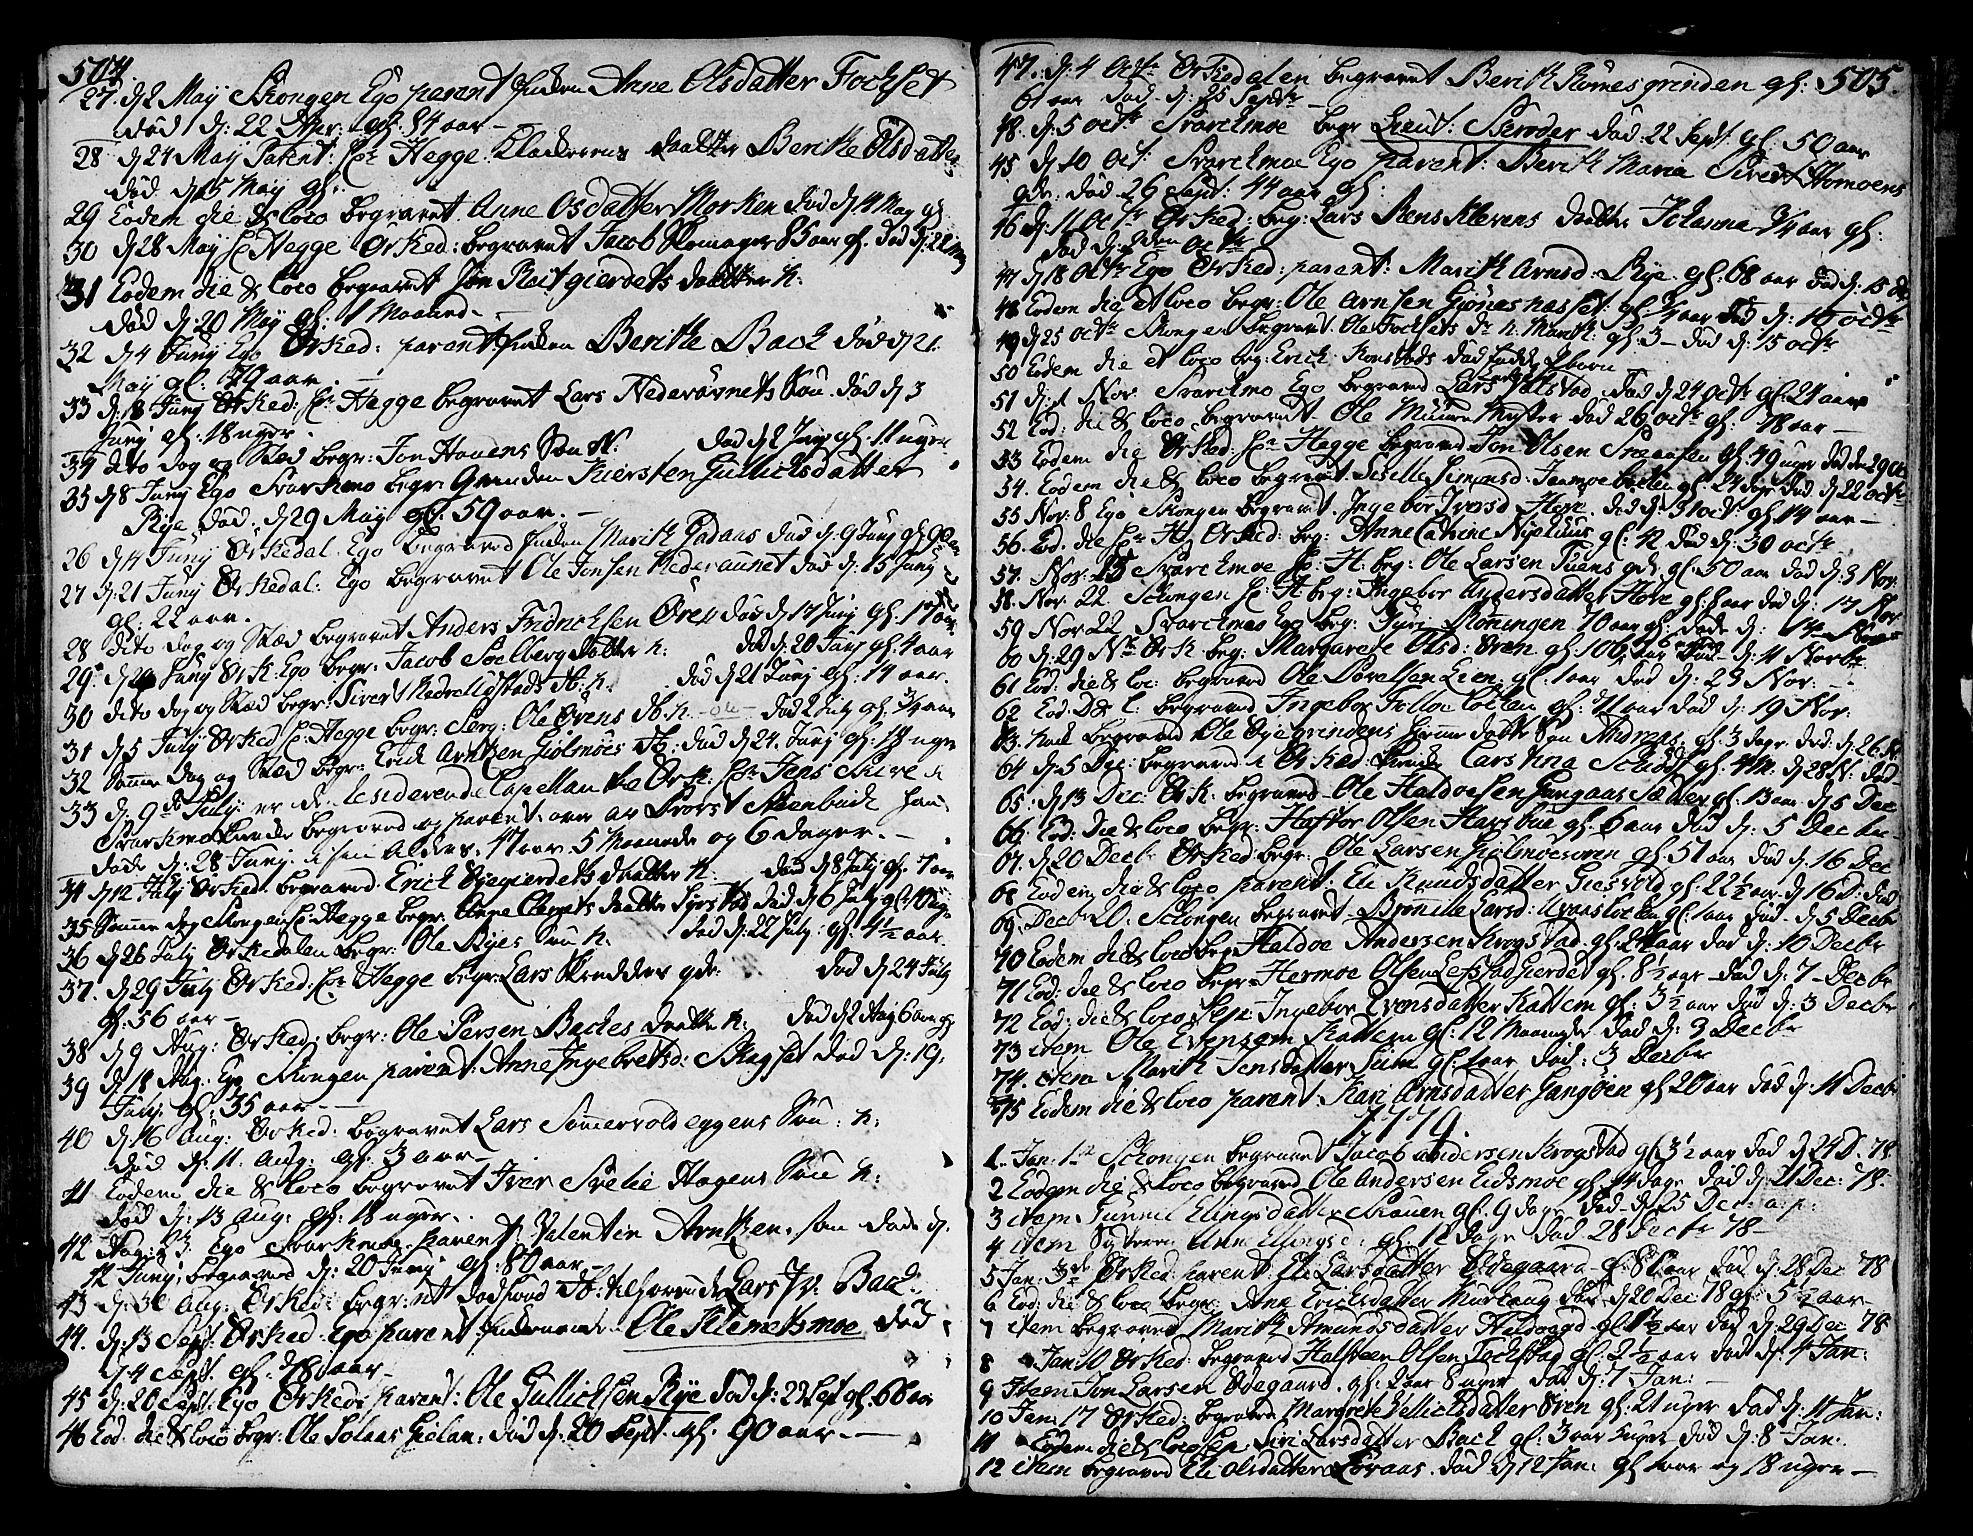 SAT, Ministerialprotokoller, klokkerbøker og fødselsregistre - Sør-Trøndelag, 668/L0802: Ministerialbok nr. 668A02, 1776-1799, s. 504-505